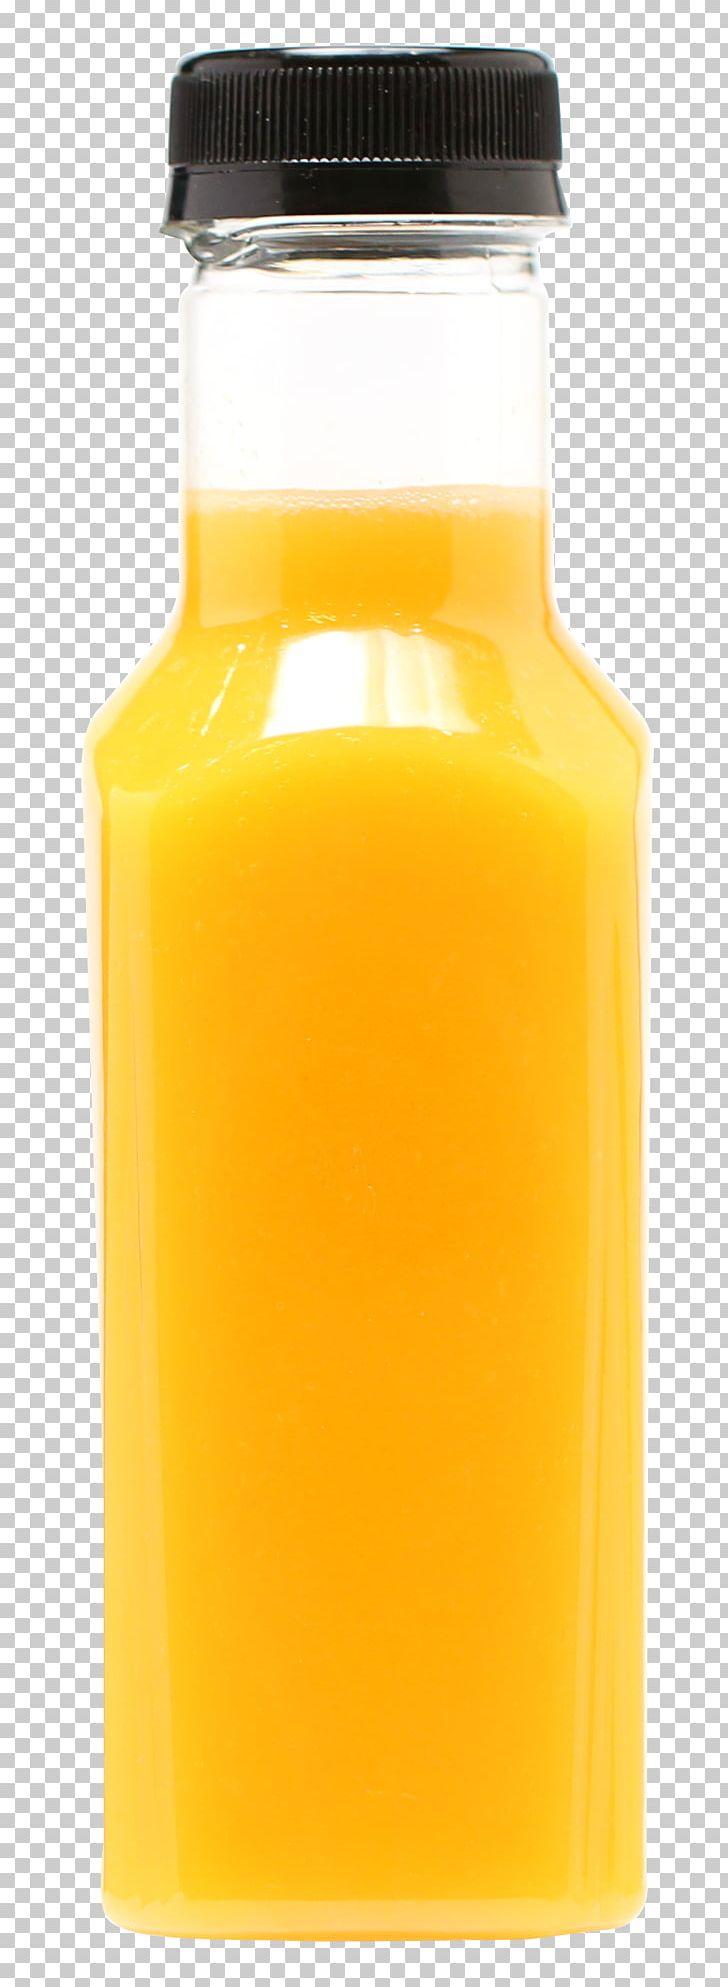 Orange Juice Orange Drink Glass Bottle Liquid PNG, Clipart, Bottle, Bottles, Decoration, Diagram, Drink Free PNG Download